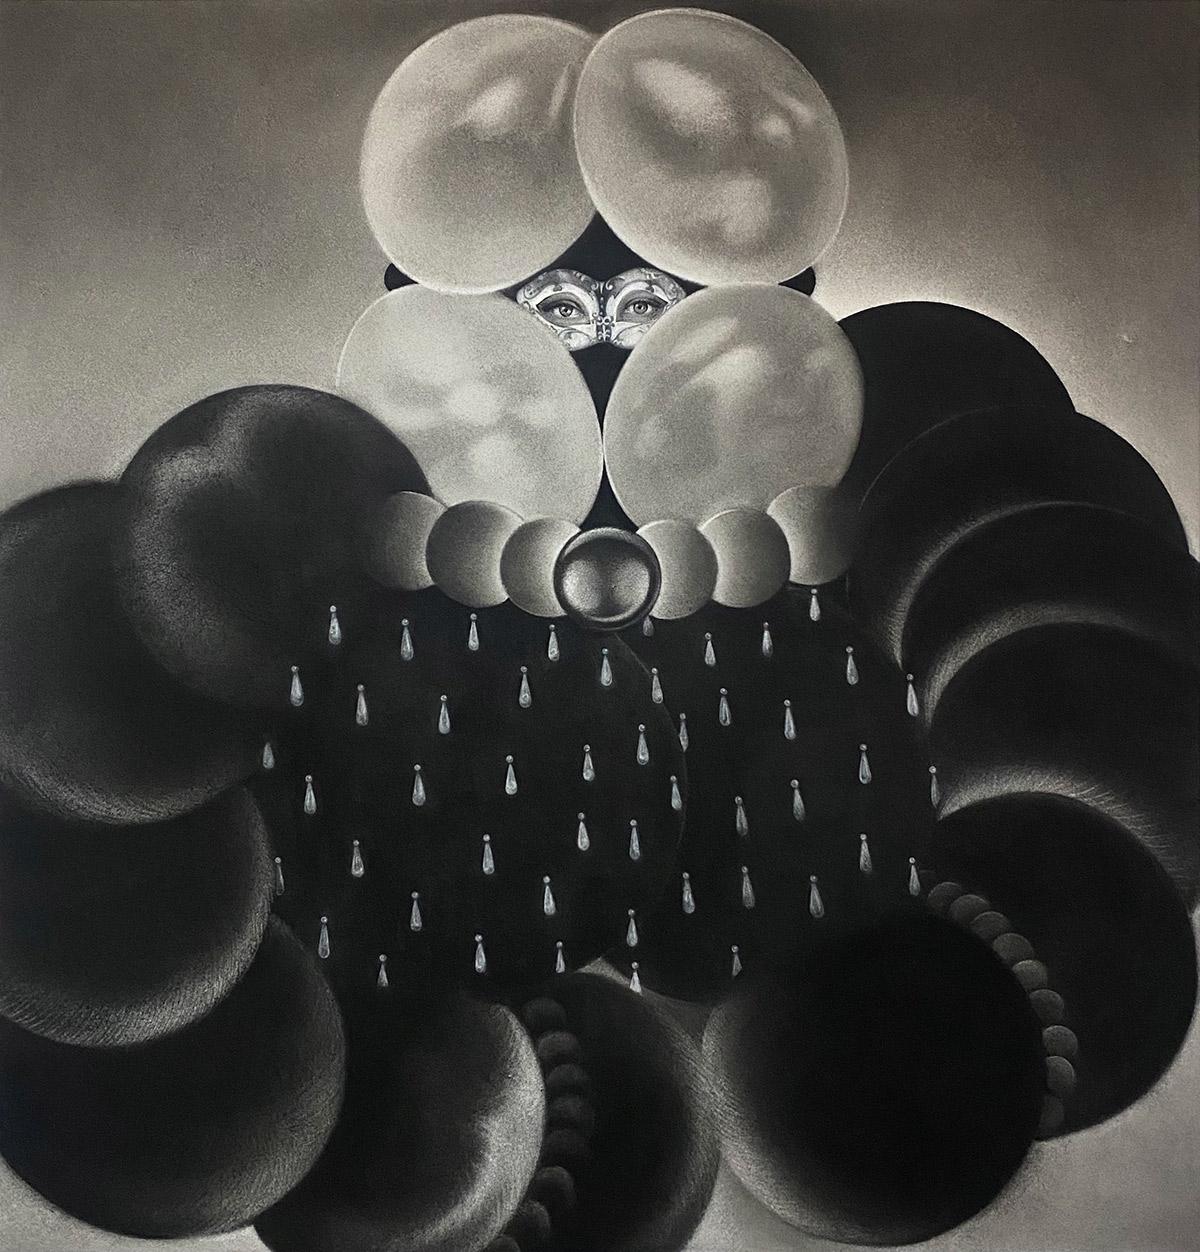 Duo Artístico Velvet Other World (VOW) Artes & contextos VOW13